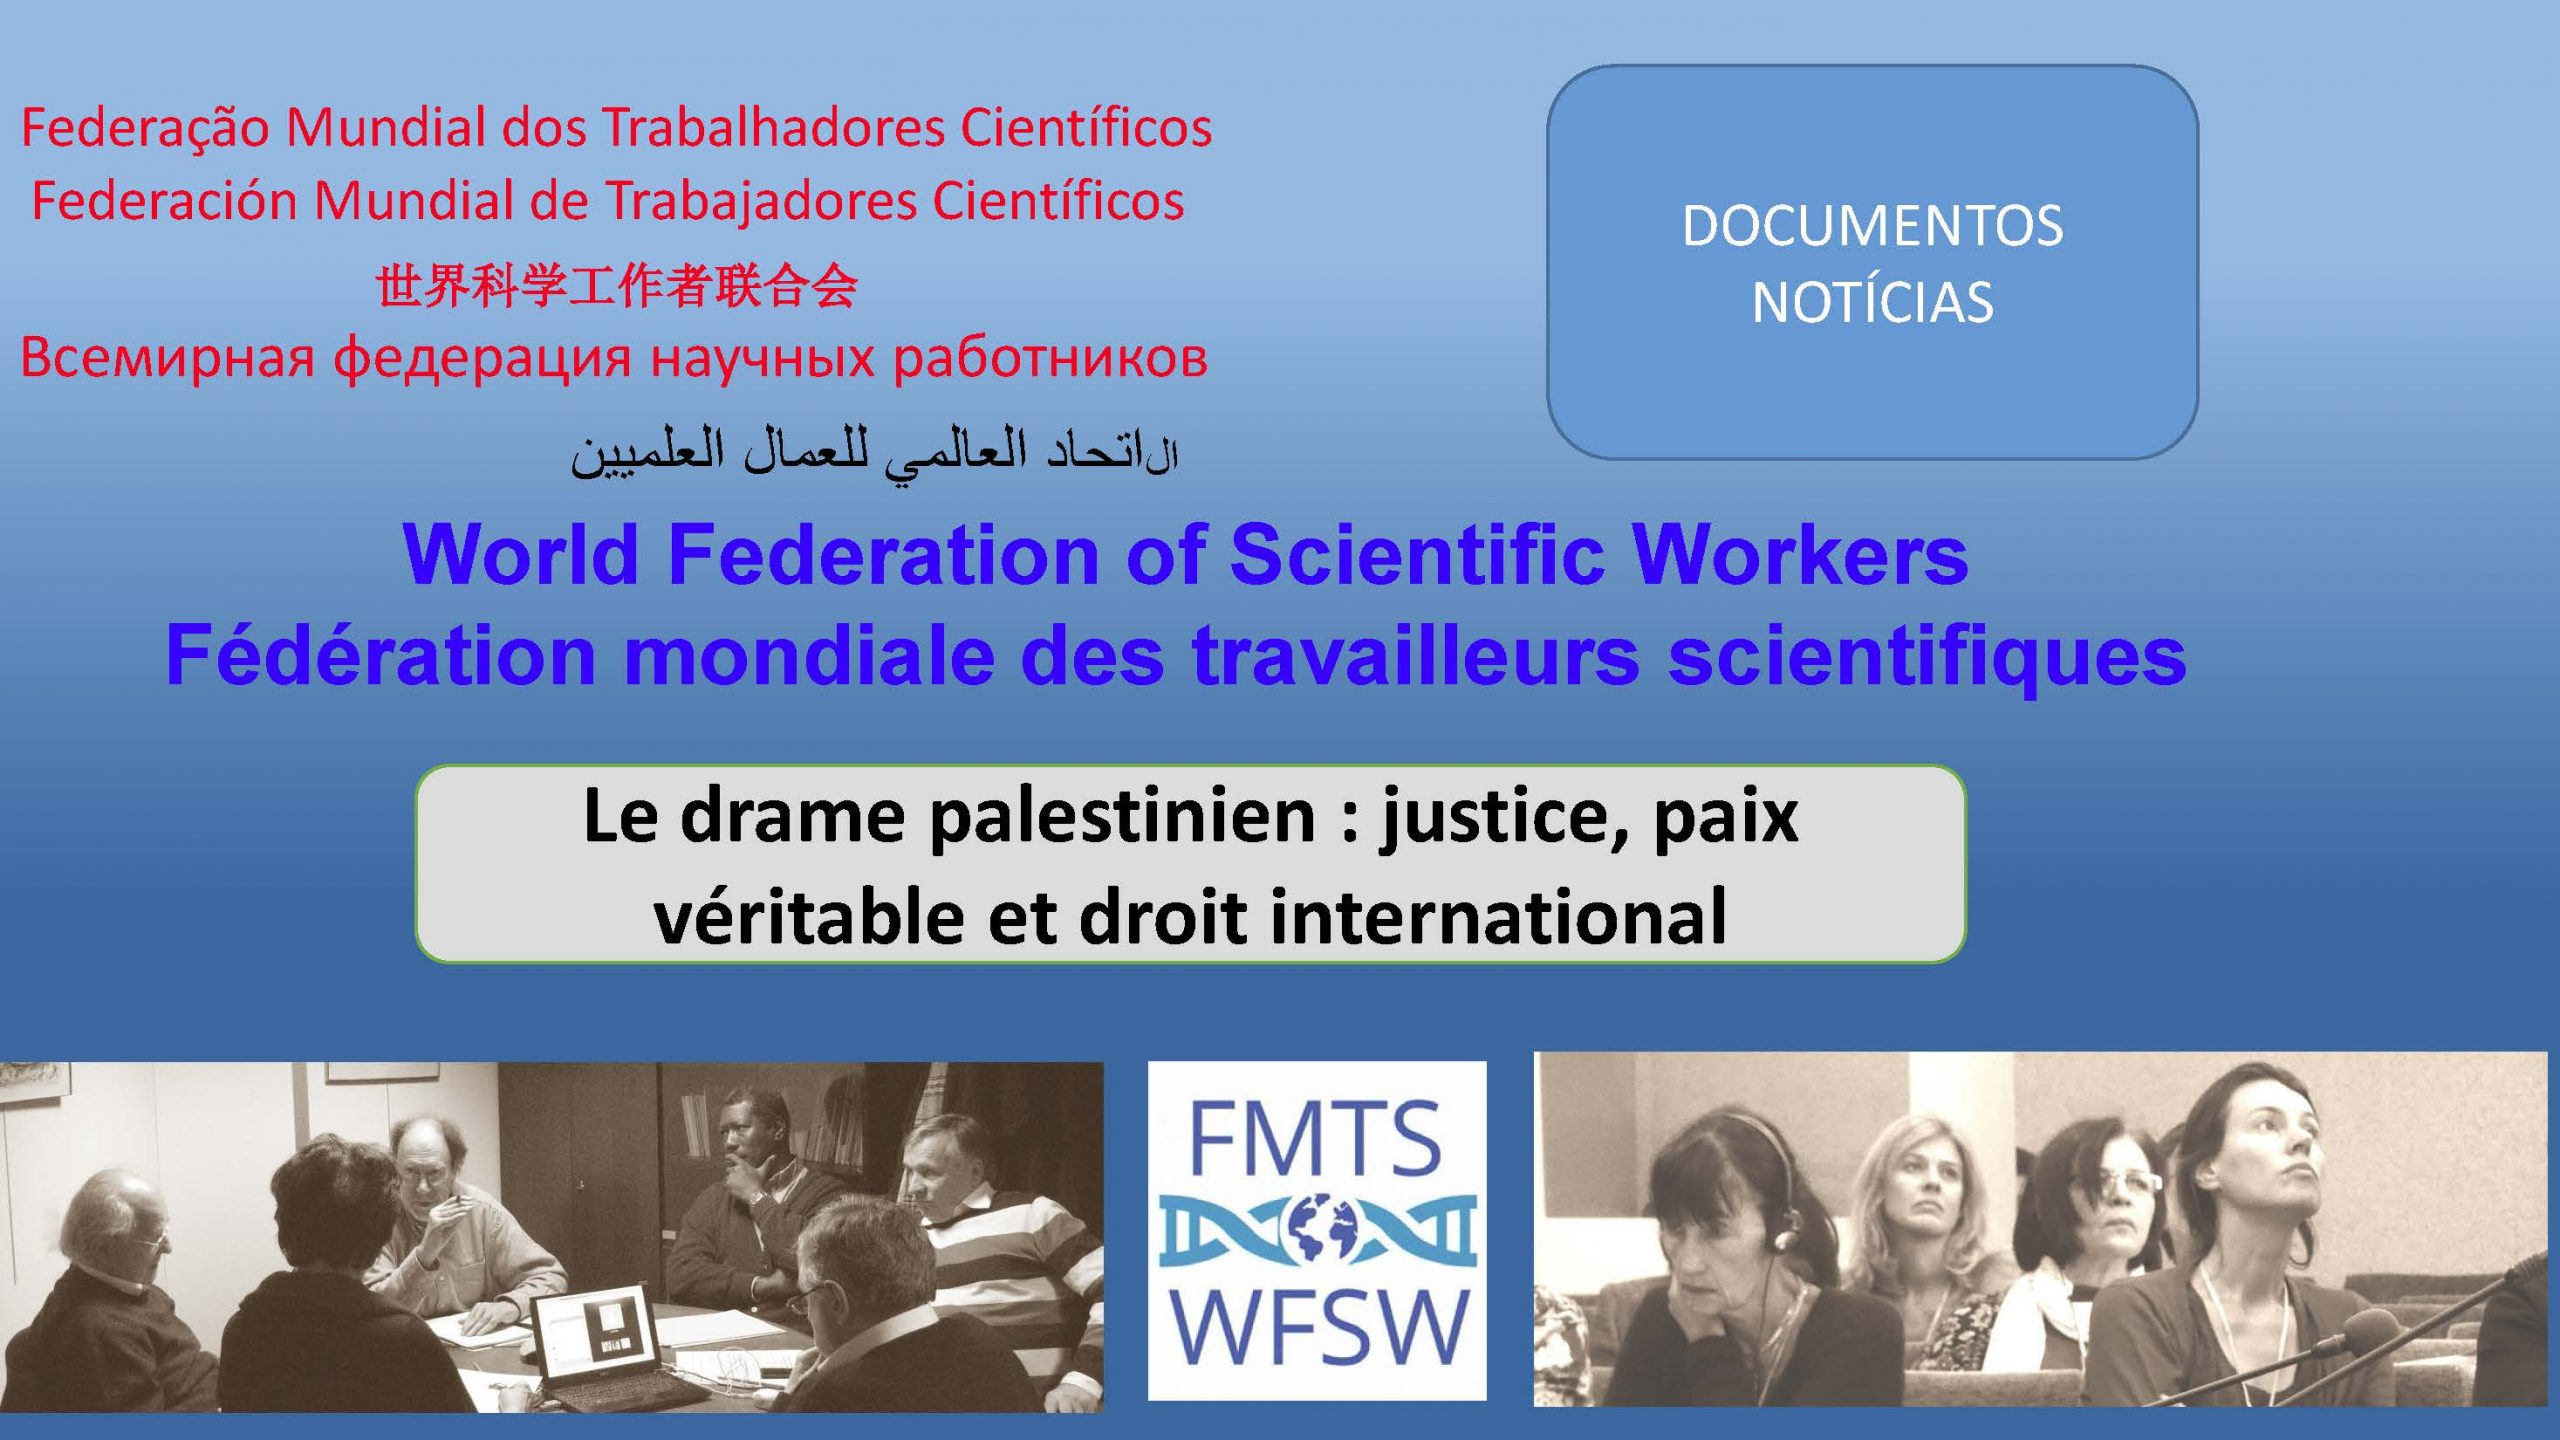 DOCS-NOTÍCIAS-FMTC-novo-francês